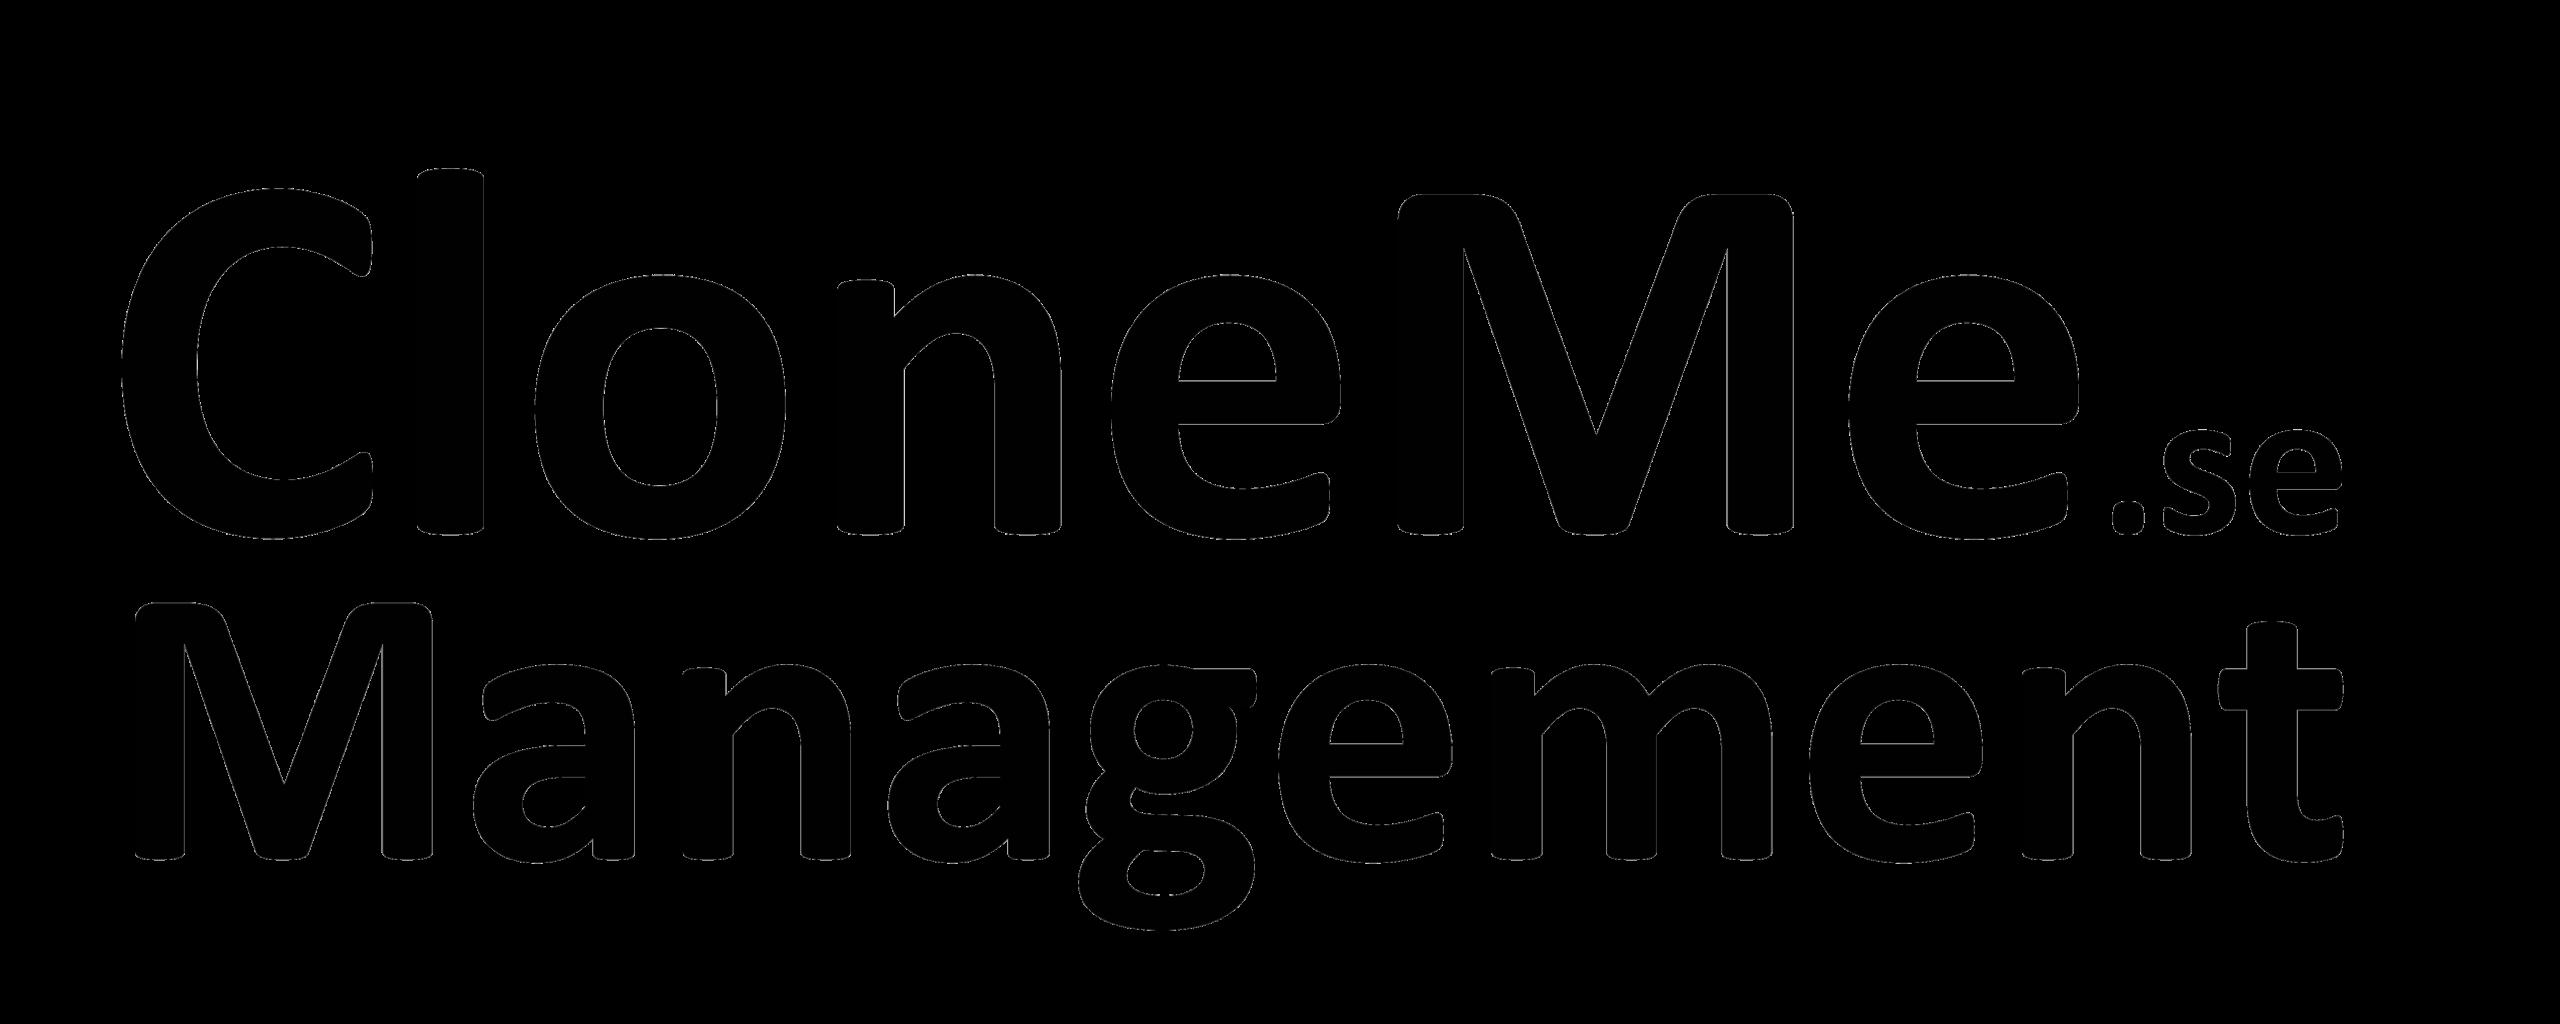 CloneMe Management - Affärssystem och processer, Företagsledning, Projektledning och IT kompetenser (IT chef, IT Ansvarig,Systemarkitekt,Databasarkitekt m.fl)